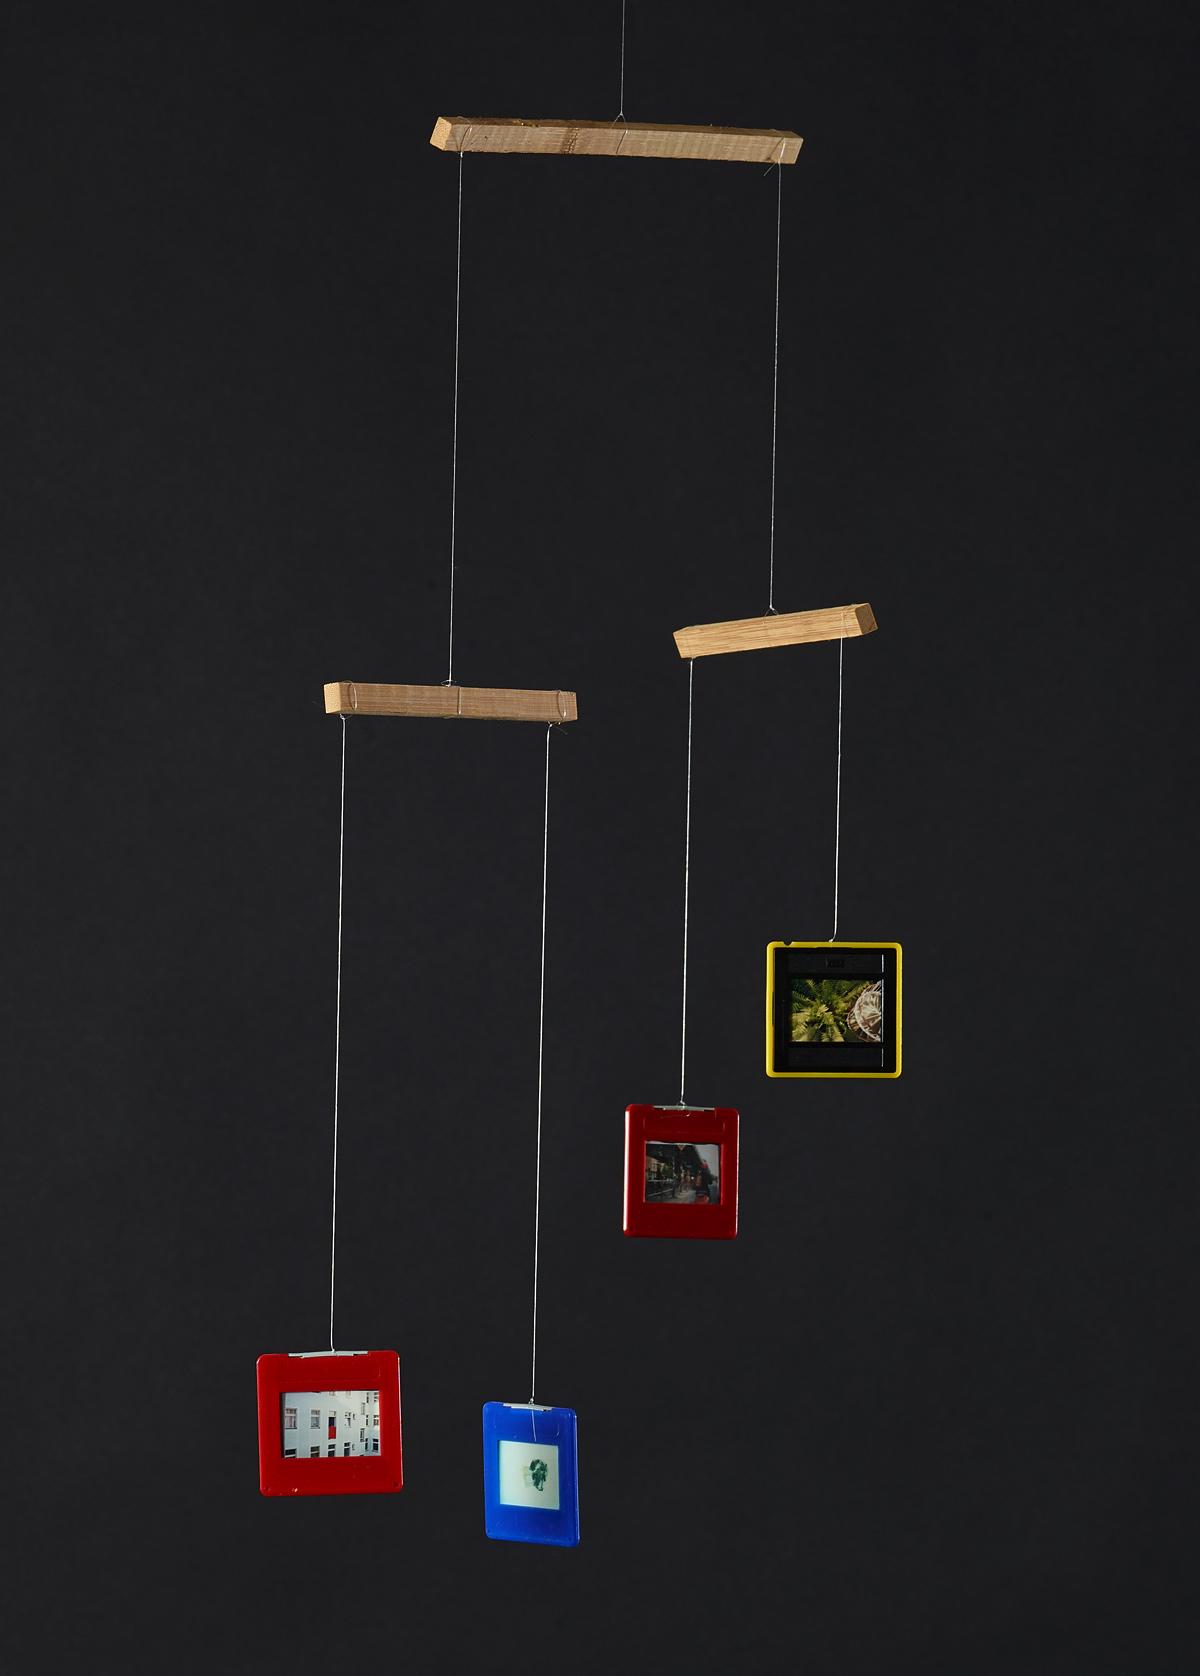 Art_01_Mobile_07